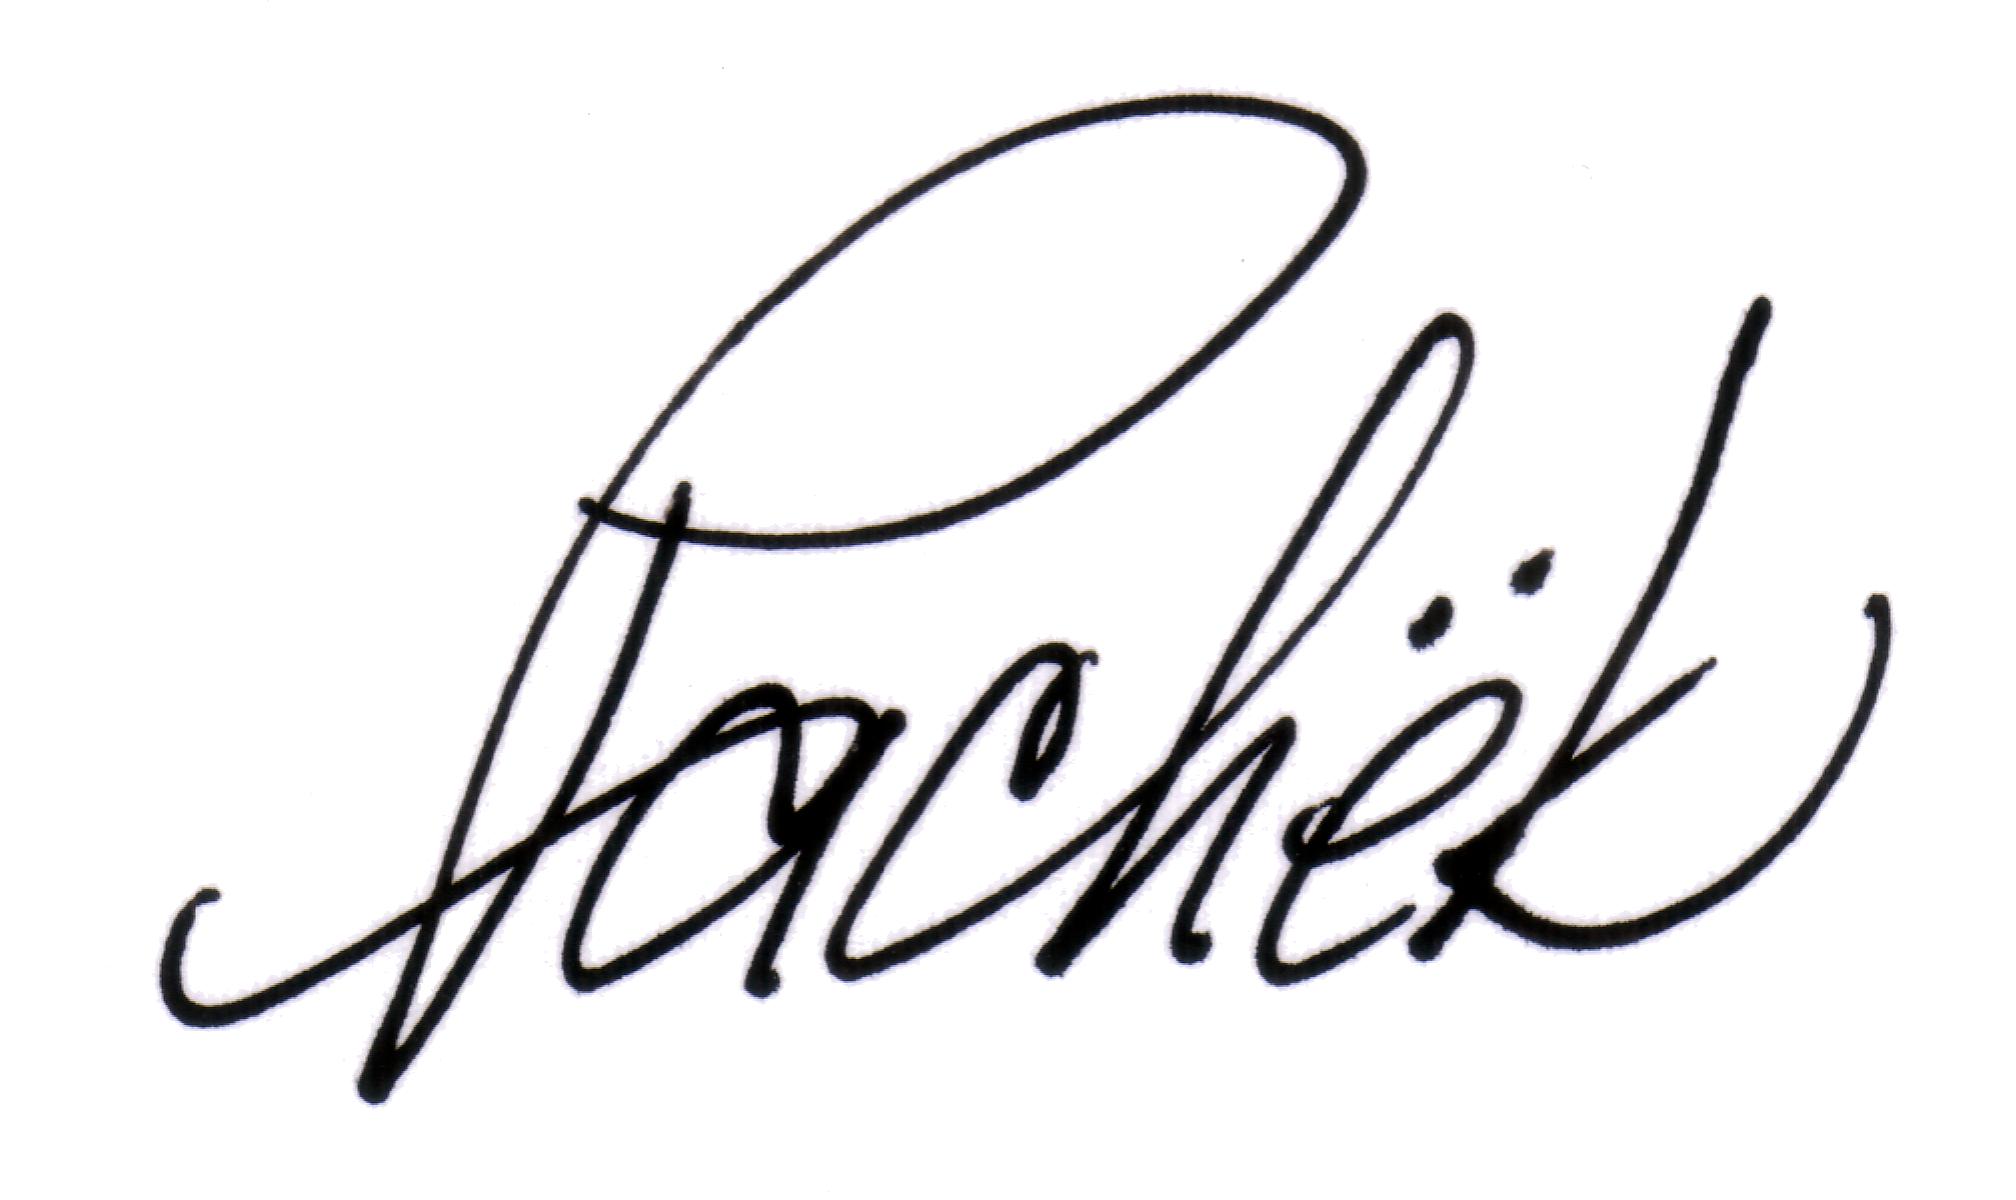 R. Prentice Gividen Signature